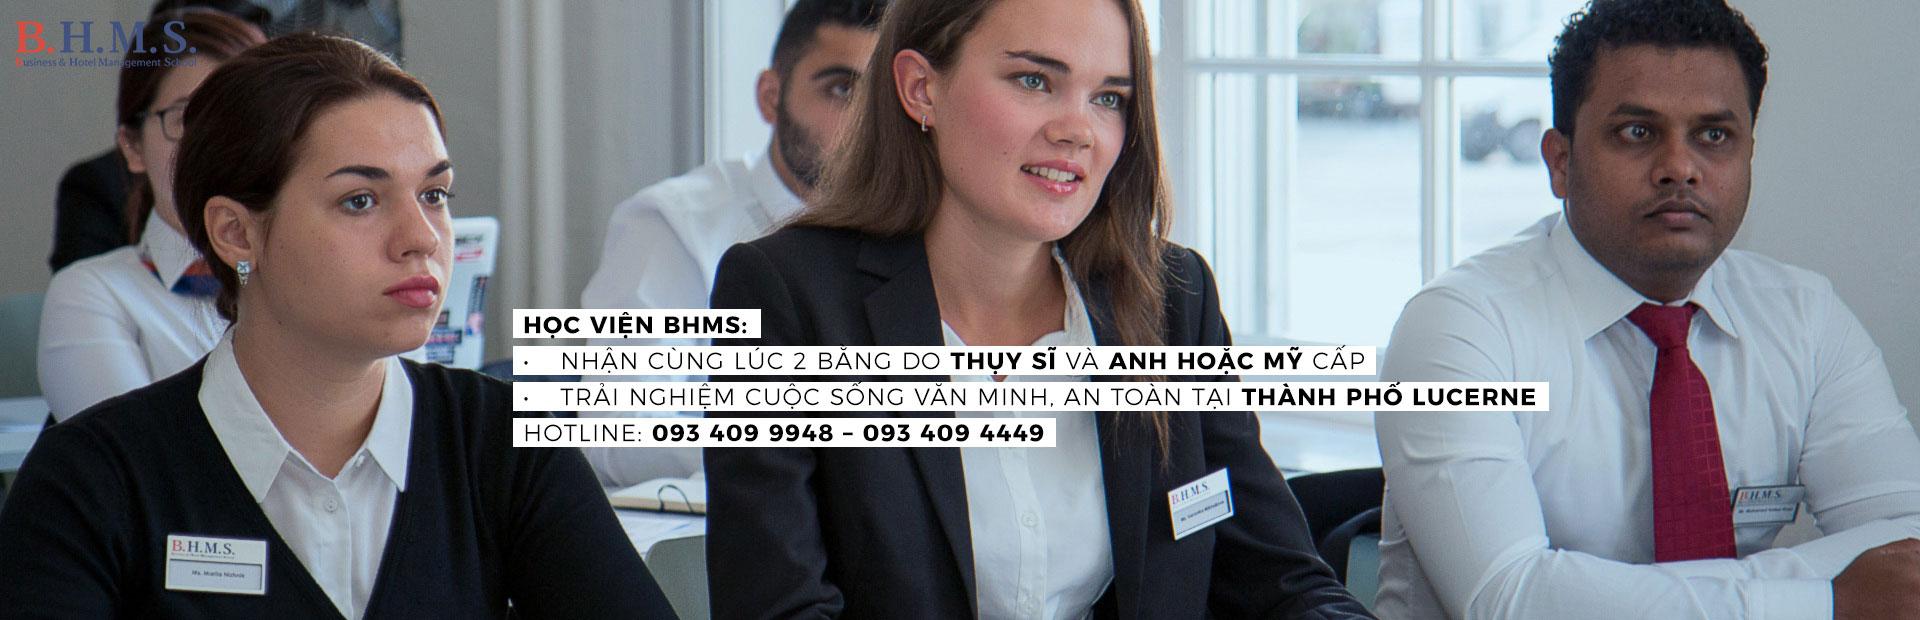 BHMS 3